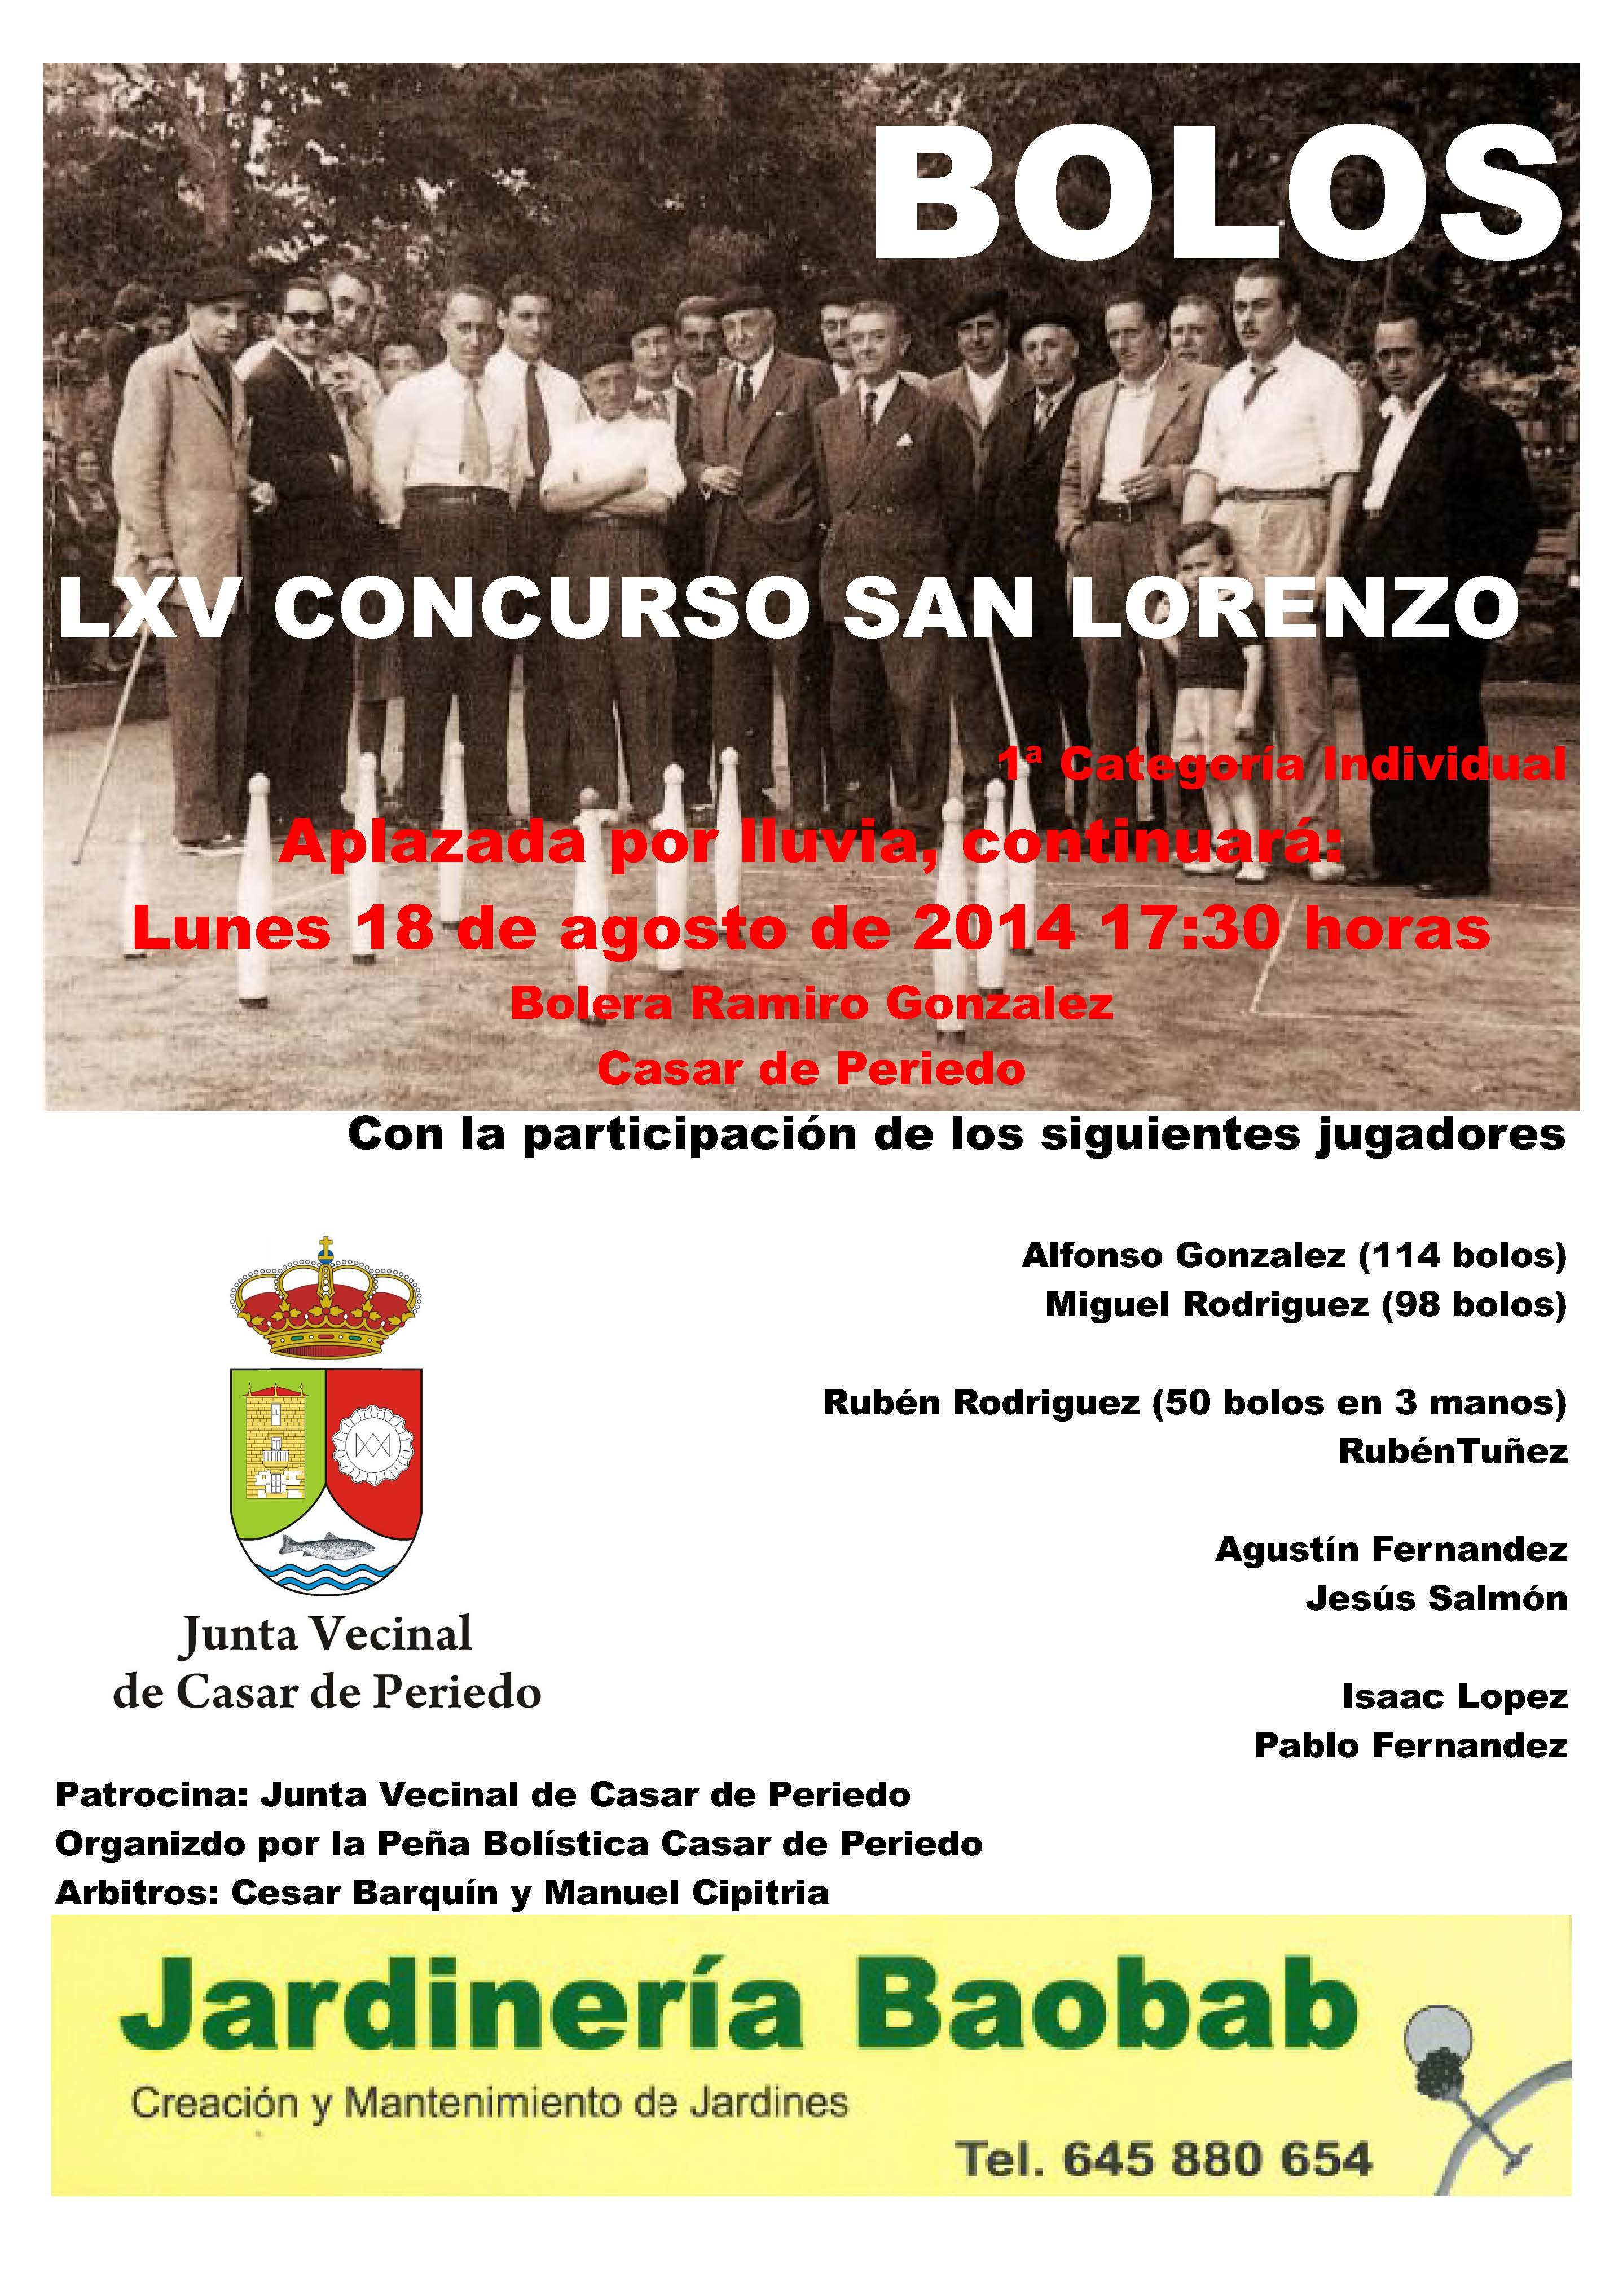 http://www.cabezondelasal.net/wp-content/uploads/2014/08/cartel-bolos-casar.jpg